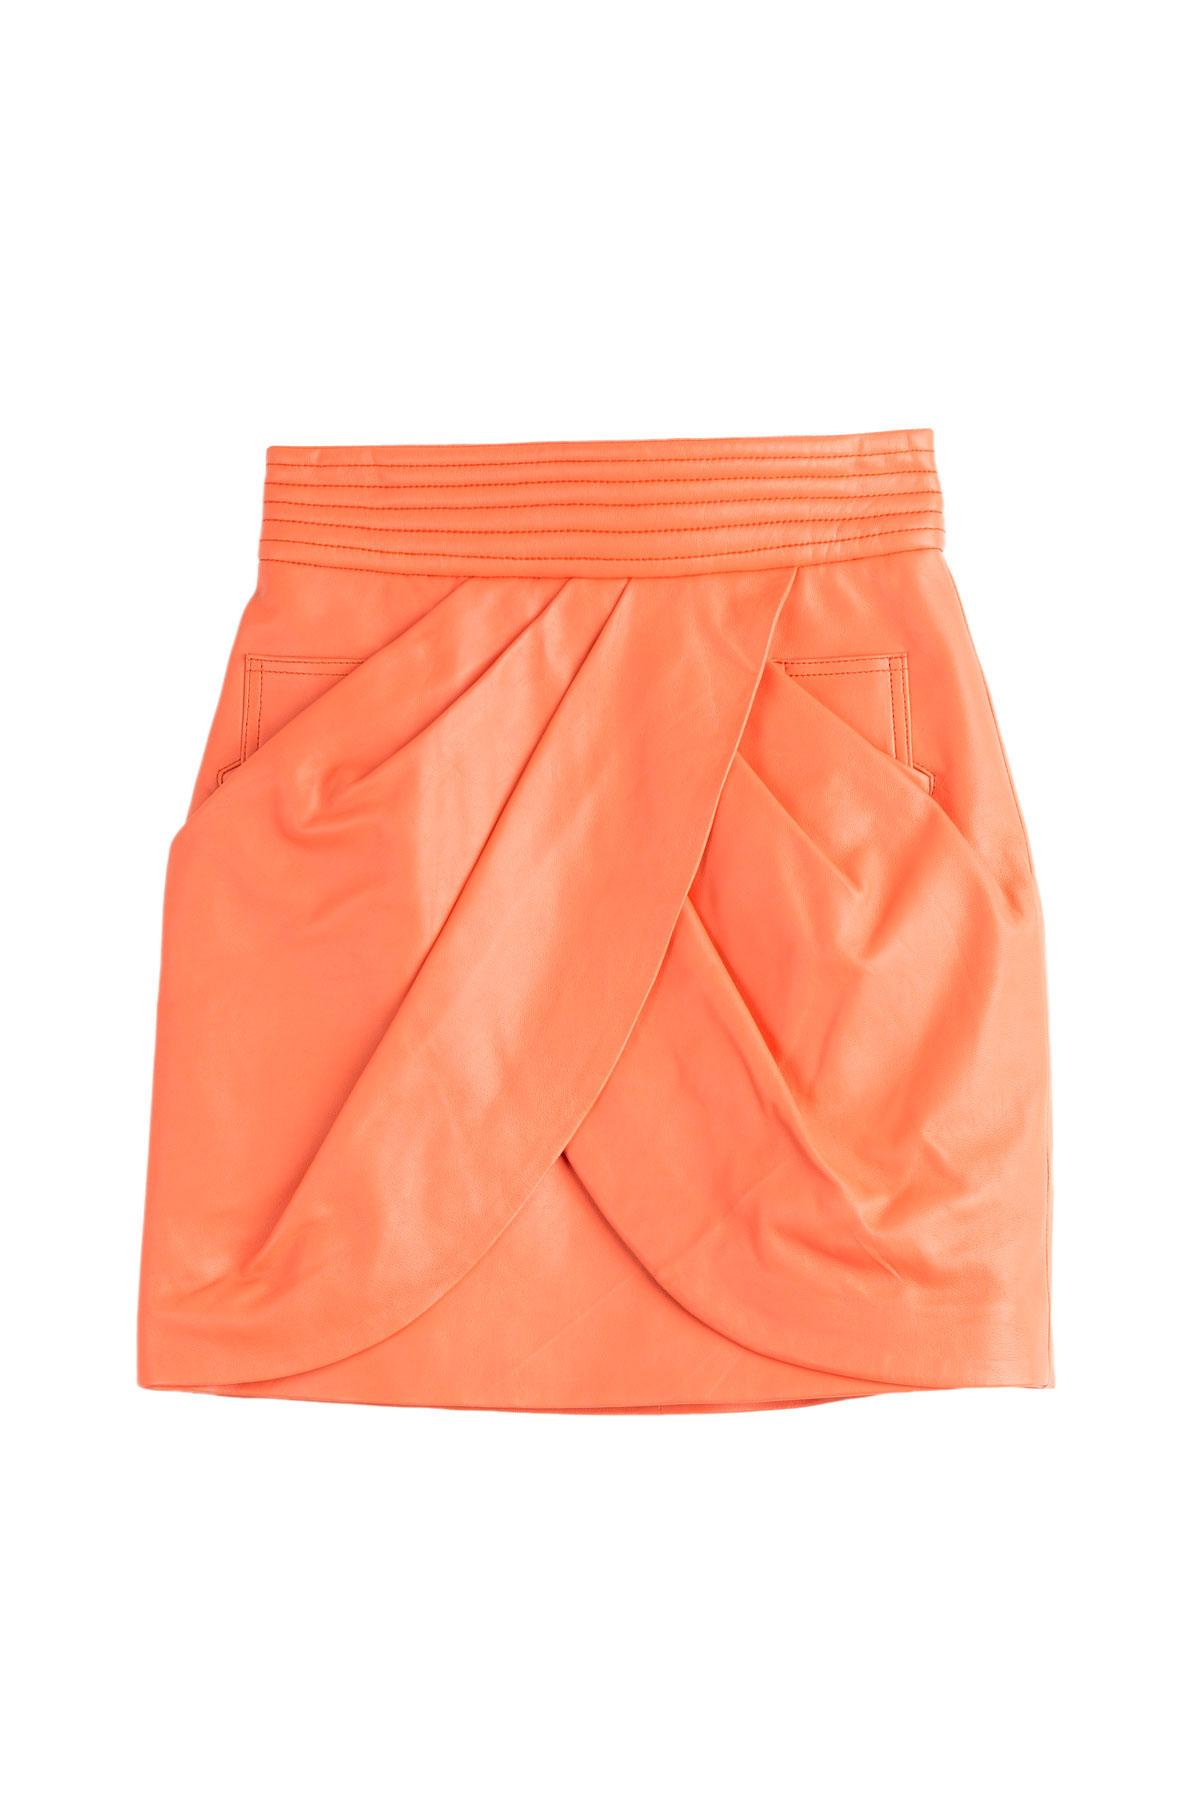 balmain leather skirt orange in orange lyst